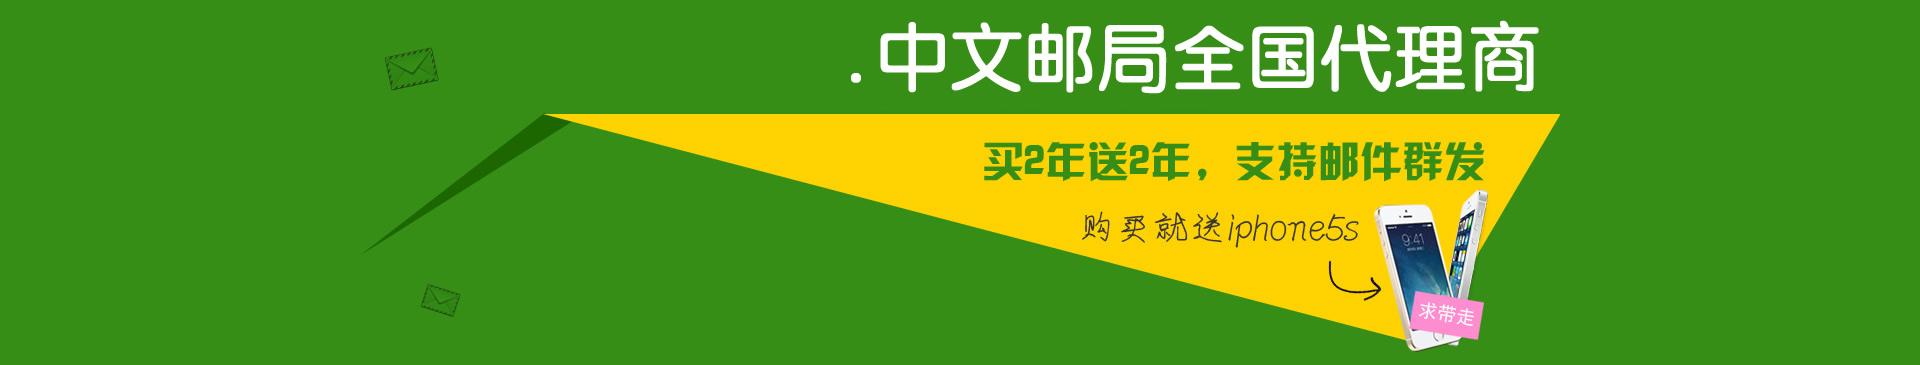 首页轮播(中文邮局)